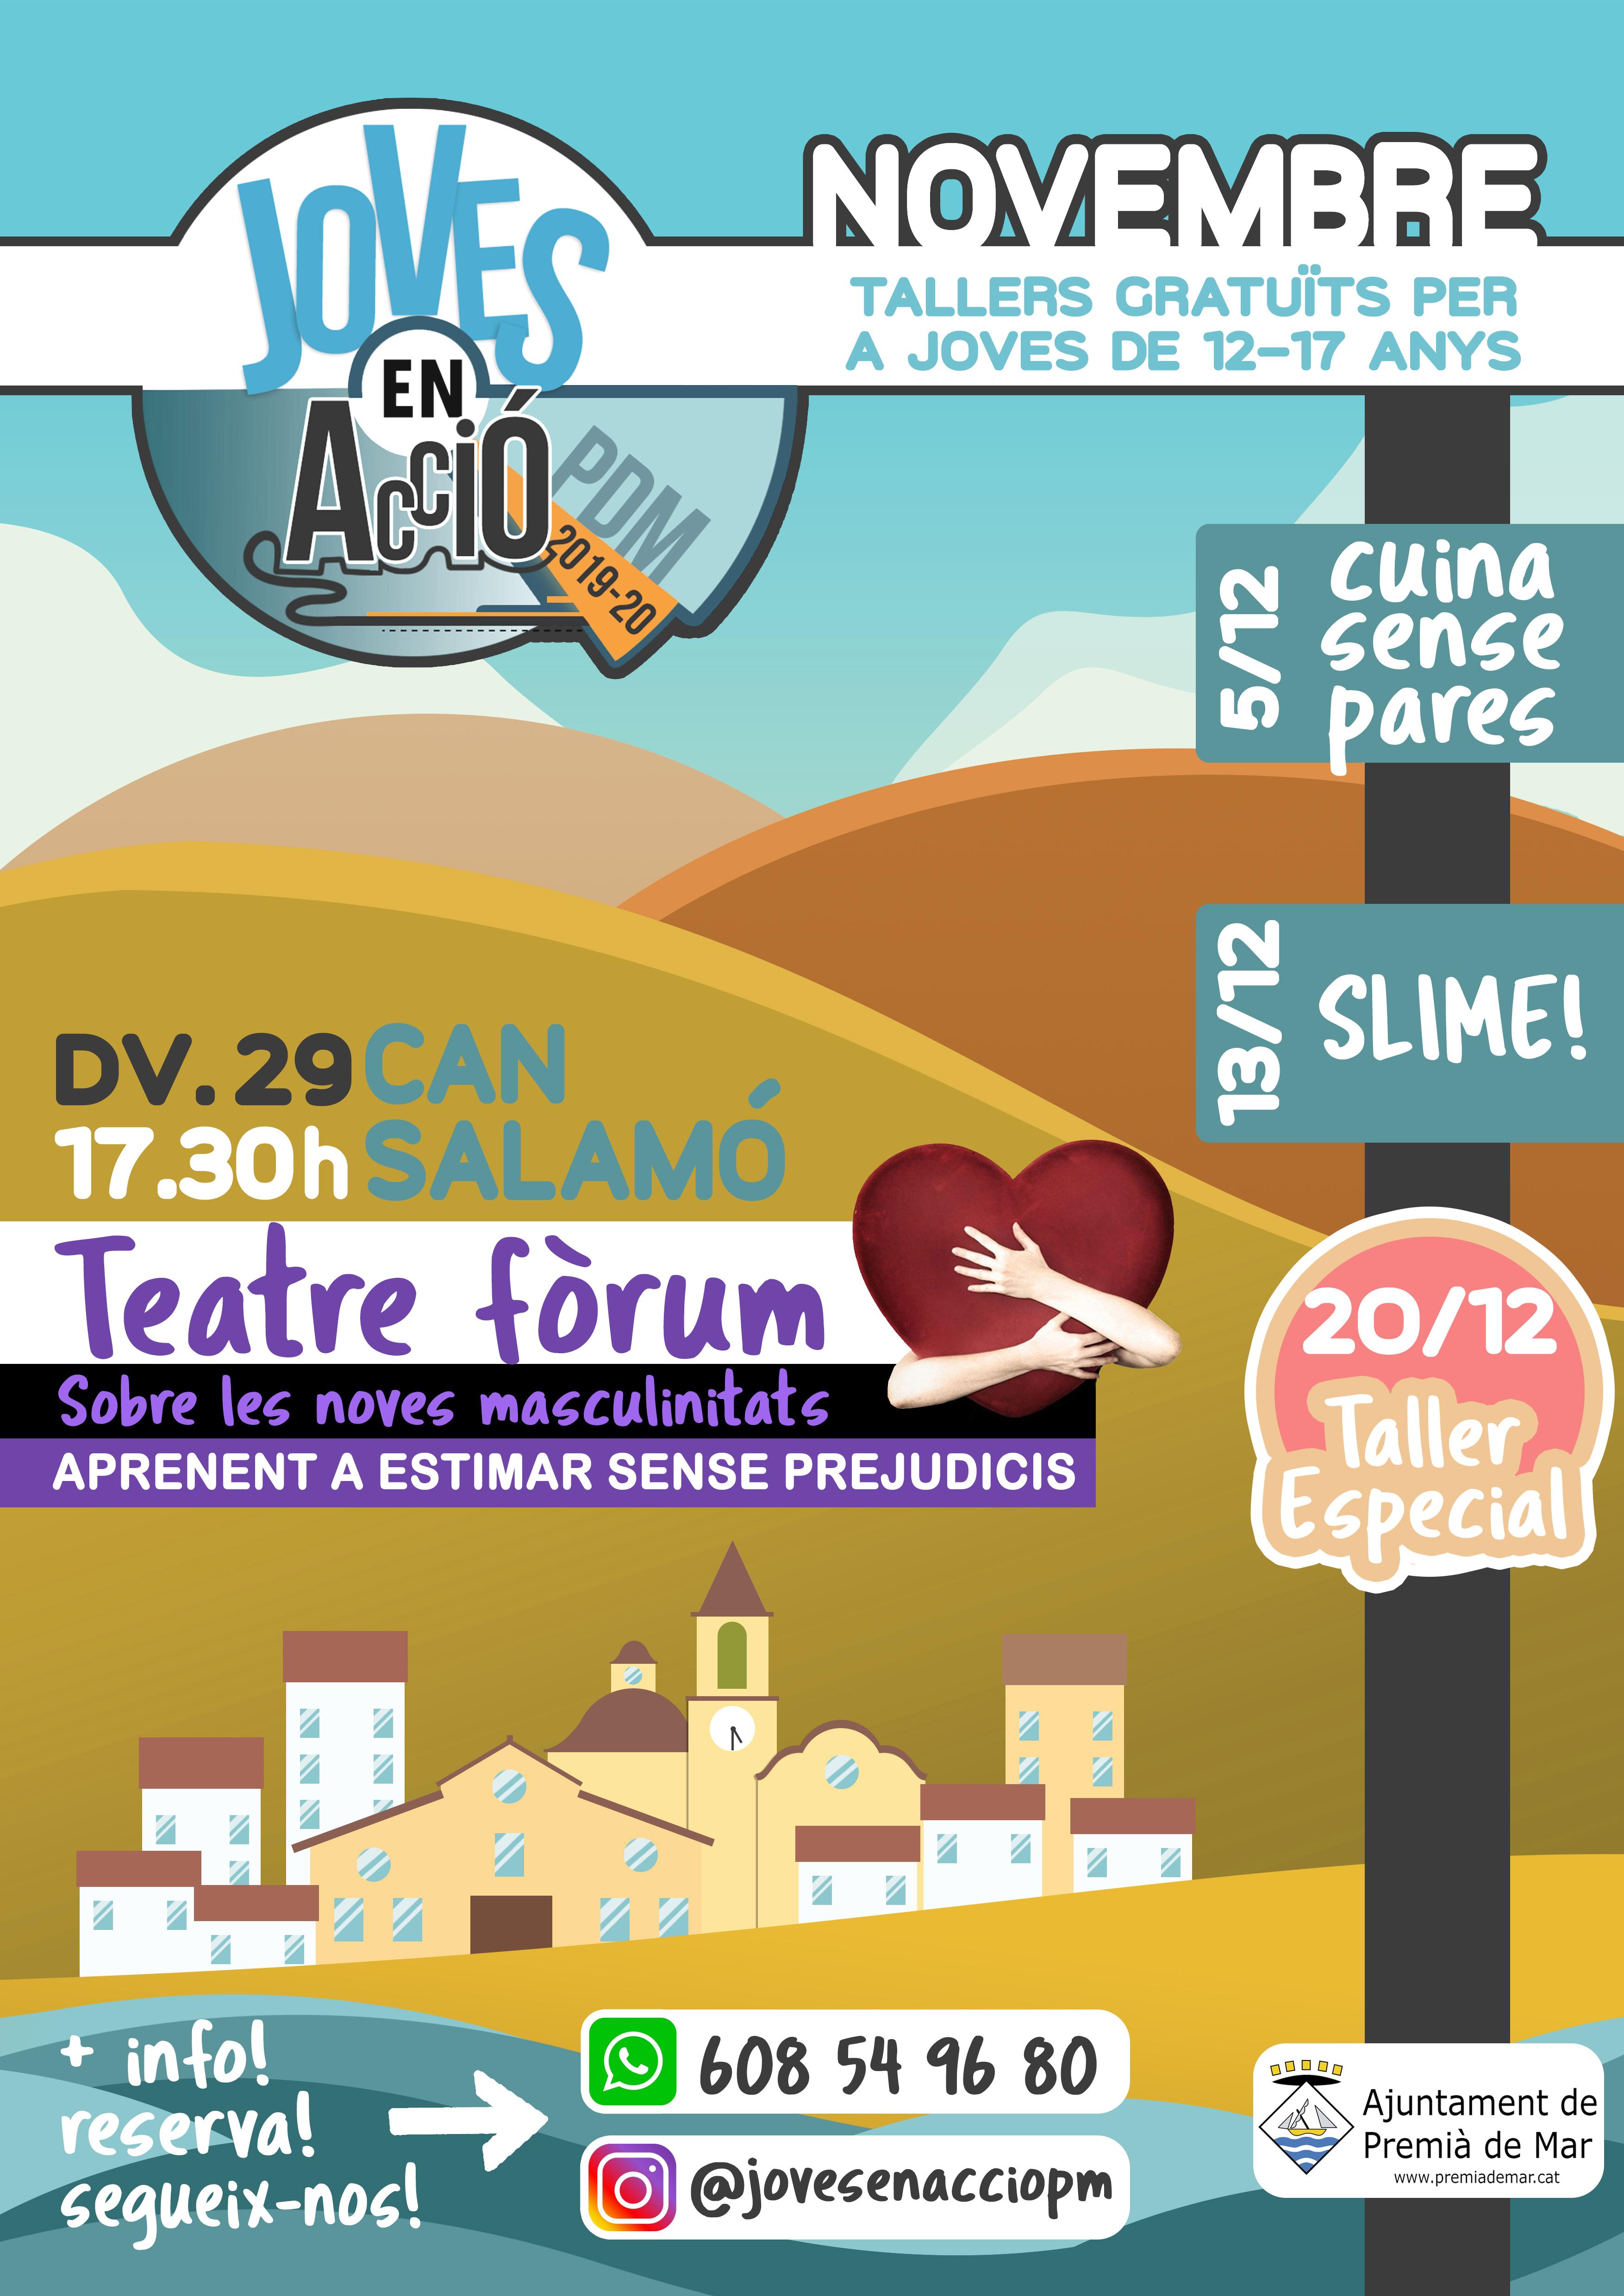 Joves en acció teatreforum